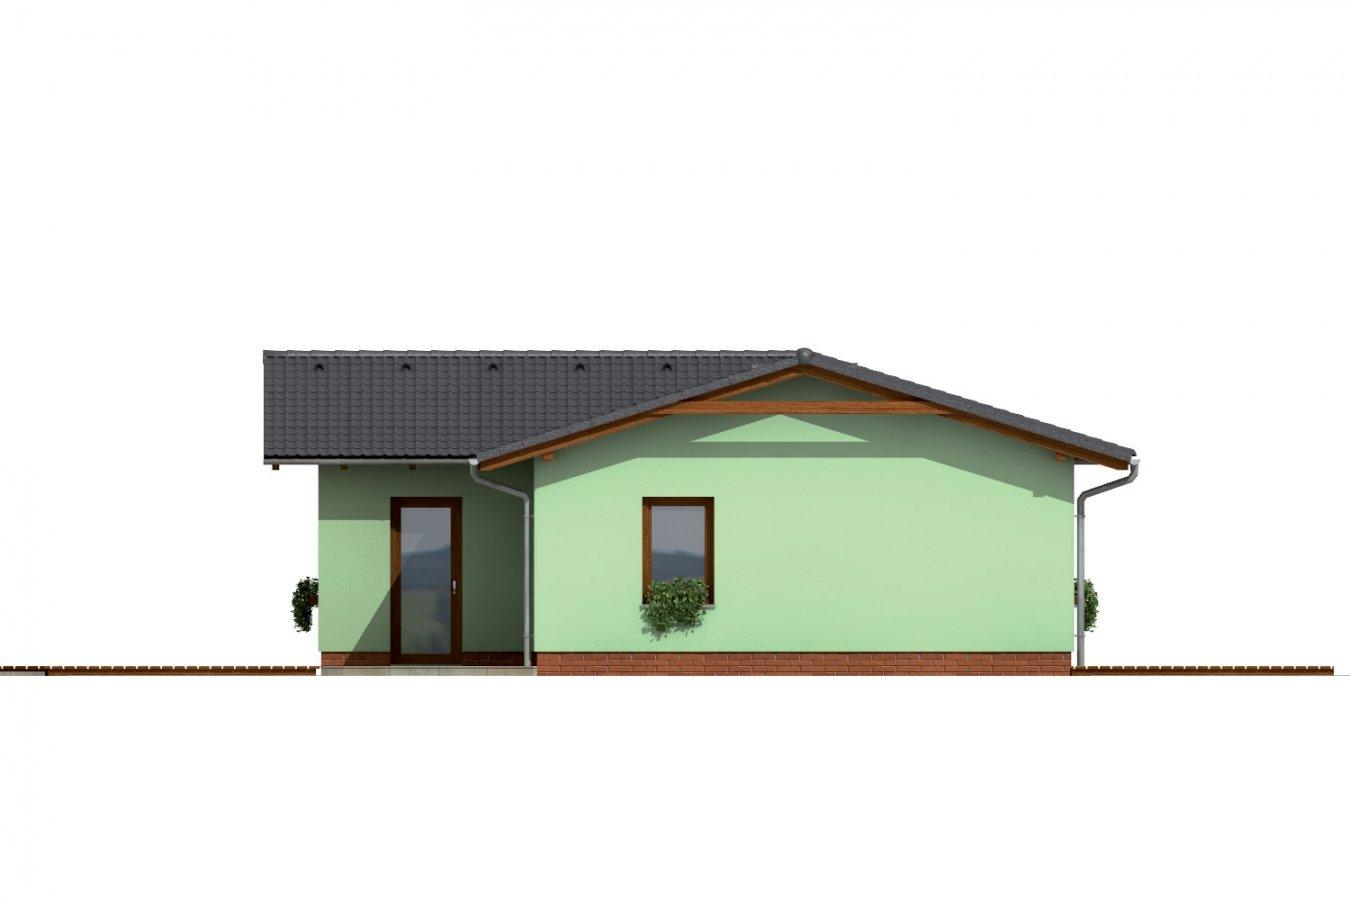 Pohľad 3. - Dom do L so sedlovou strechou